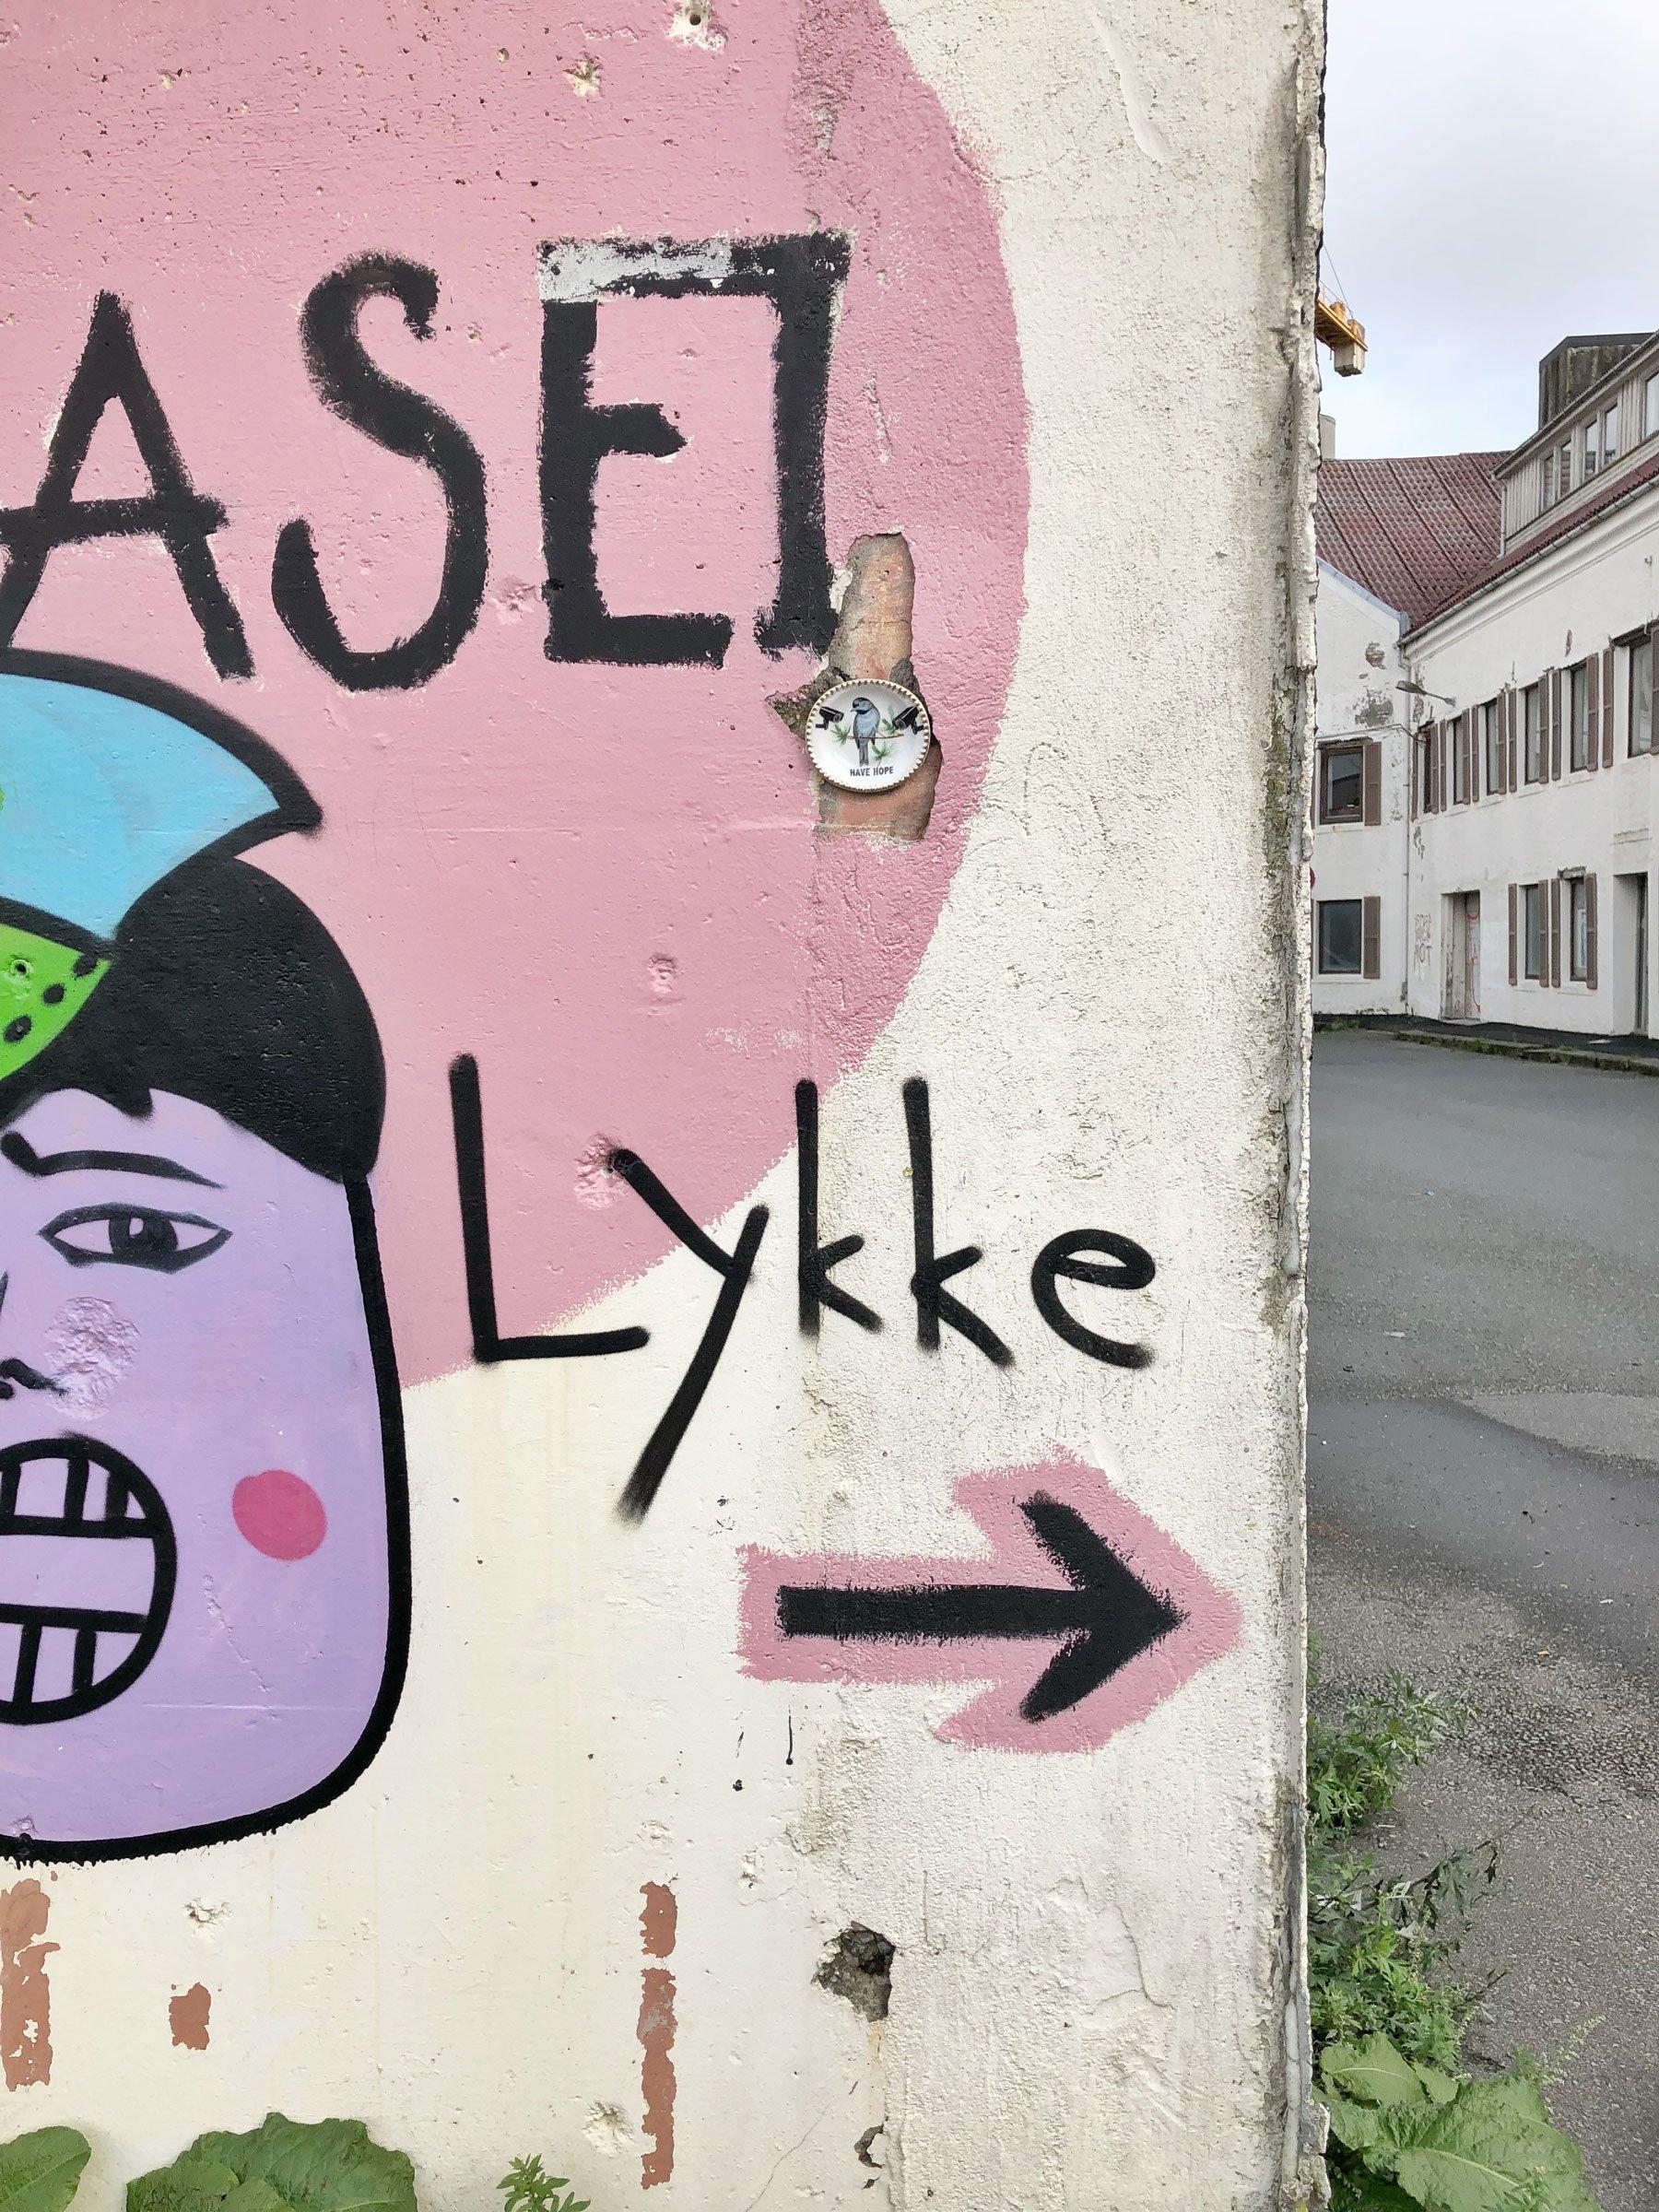 stavanger norway streetart lykke